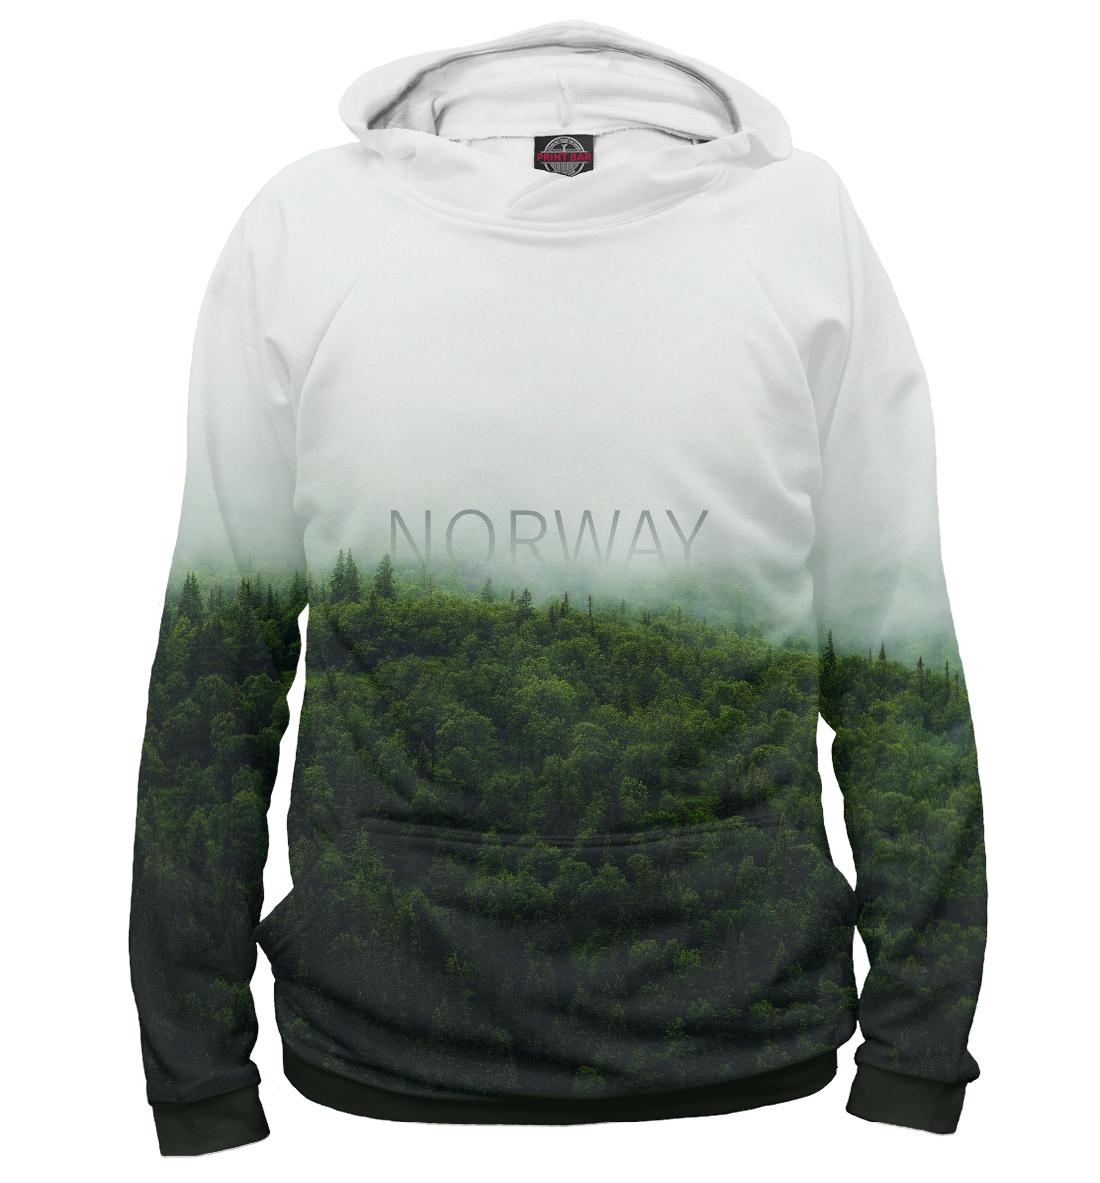 Купить Норвегия, Printbar, Худи, TRL-376358-hud-2